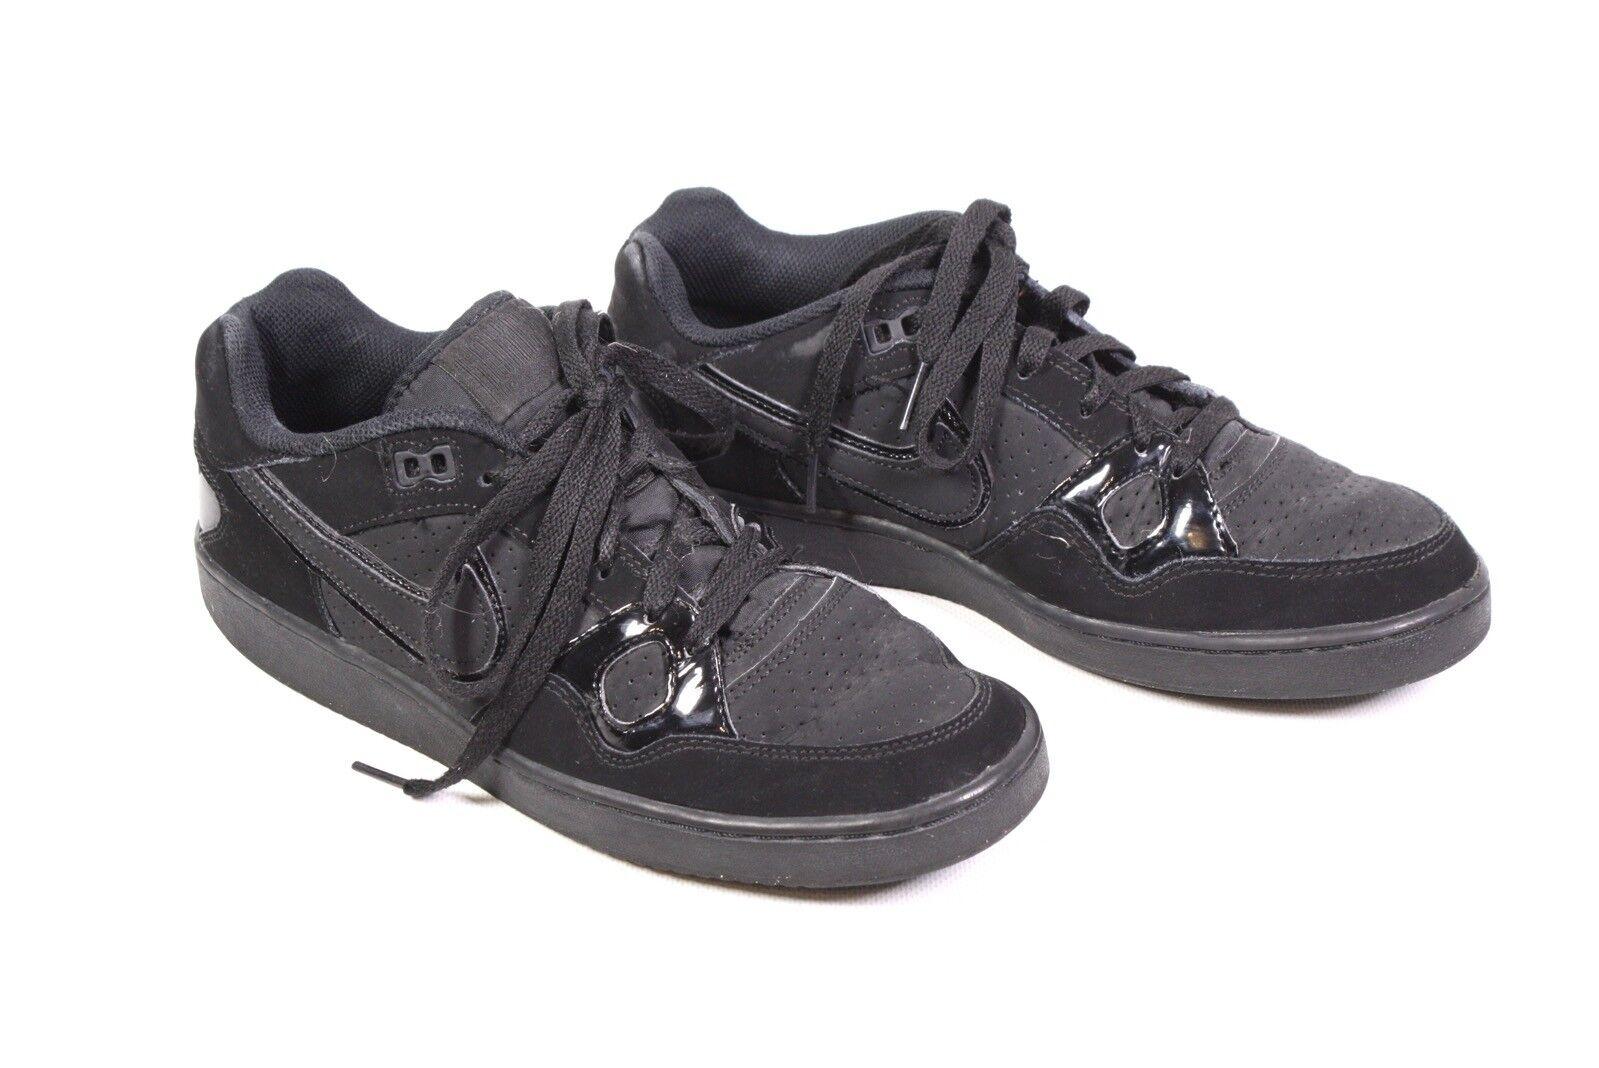 15d Nike Chaussures Basket Sport Chaussures Loisirs De Loisirs Chaussures Chaussures Noir Taille 41 (UK 7) 1ffd9d